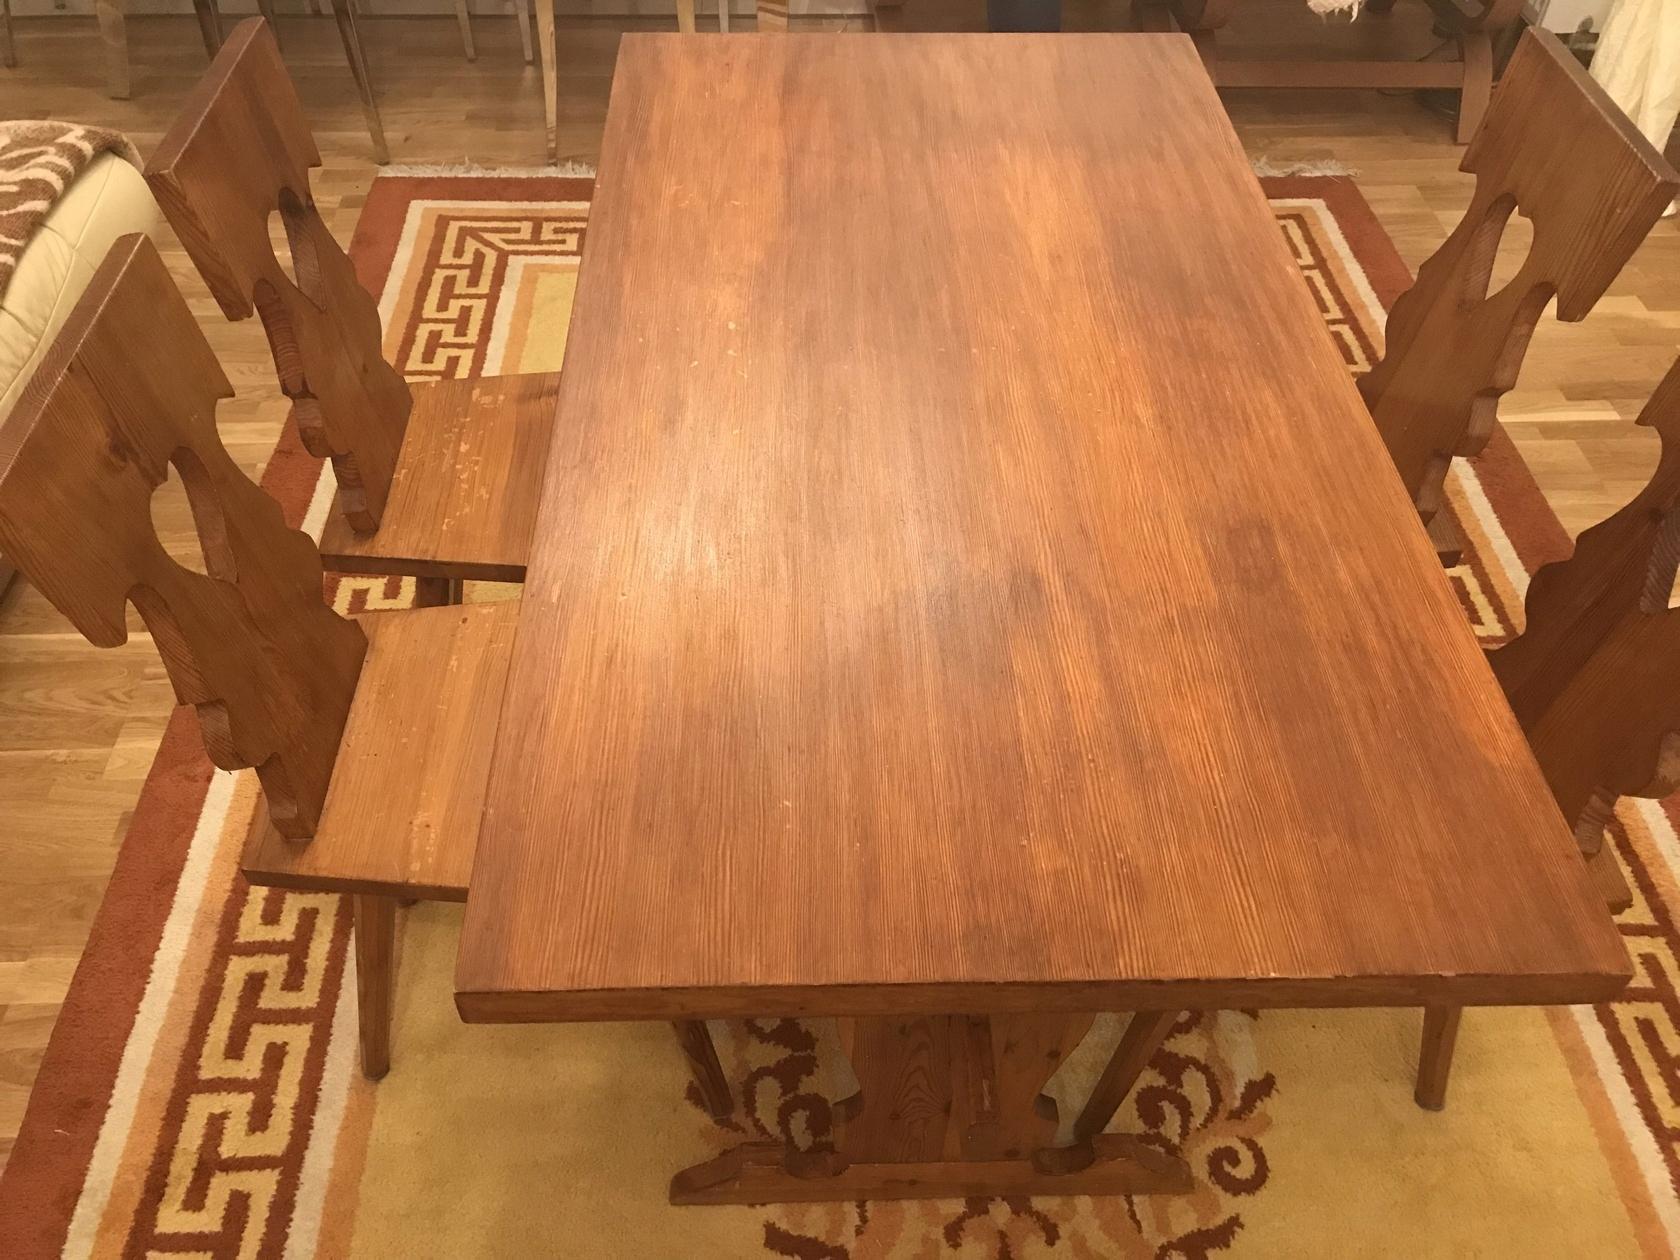 Bardzo dobra Komplet stół ława 4 krzesła styl góralski Warszawa - 7716035755 IW35